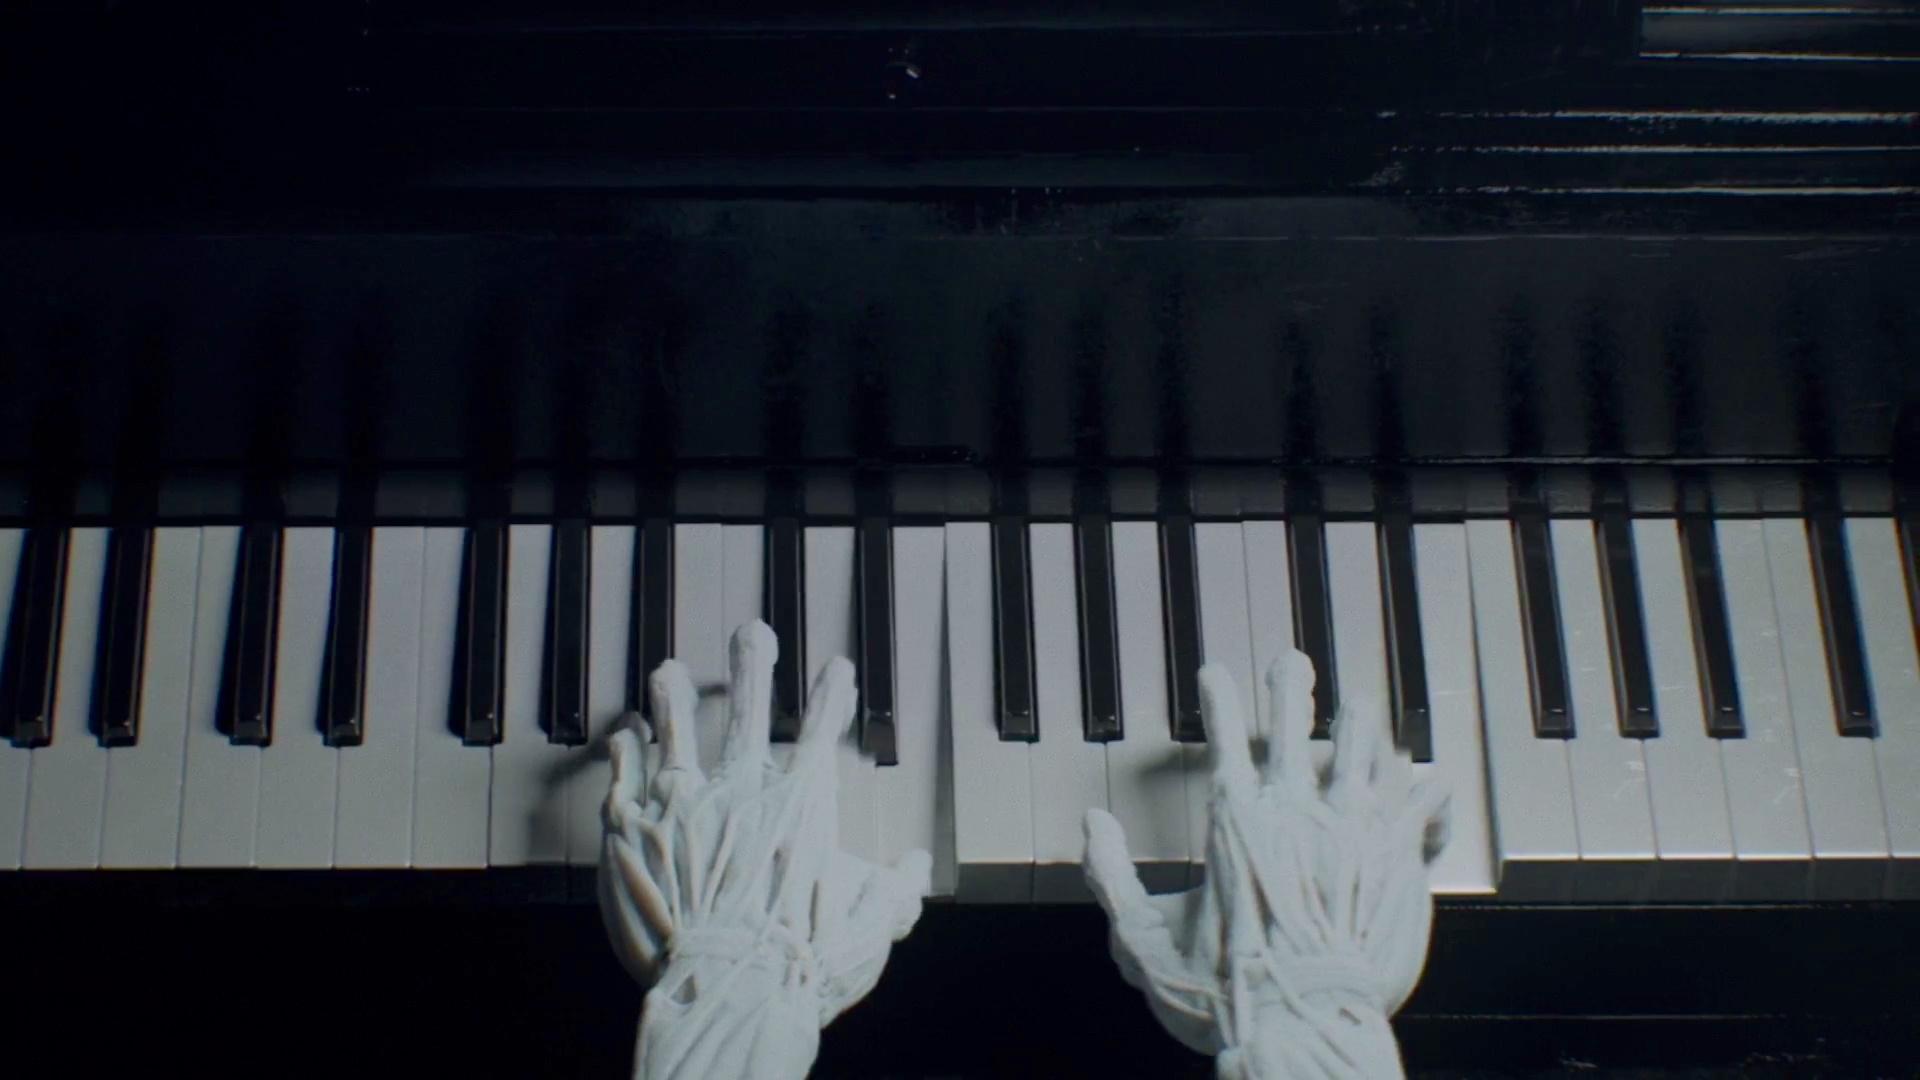 ¿Que la IA no puede ser creativa? Este algoritmo compone melodías inspiradoras